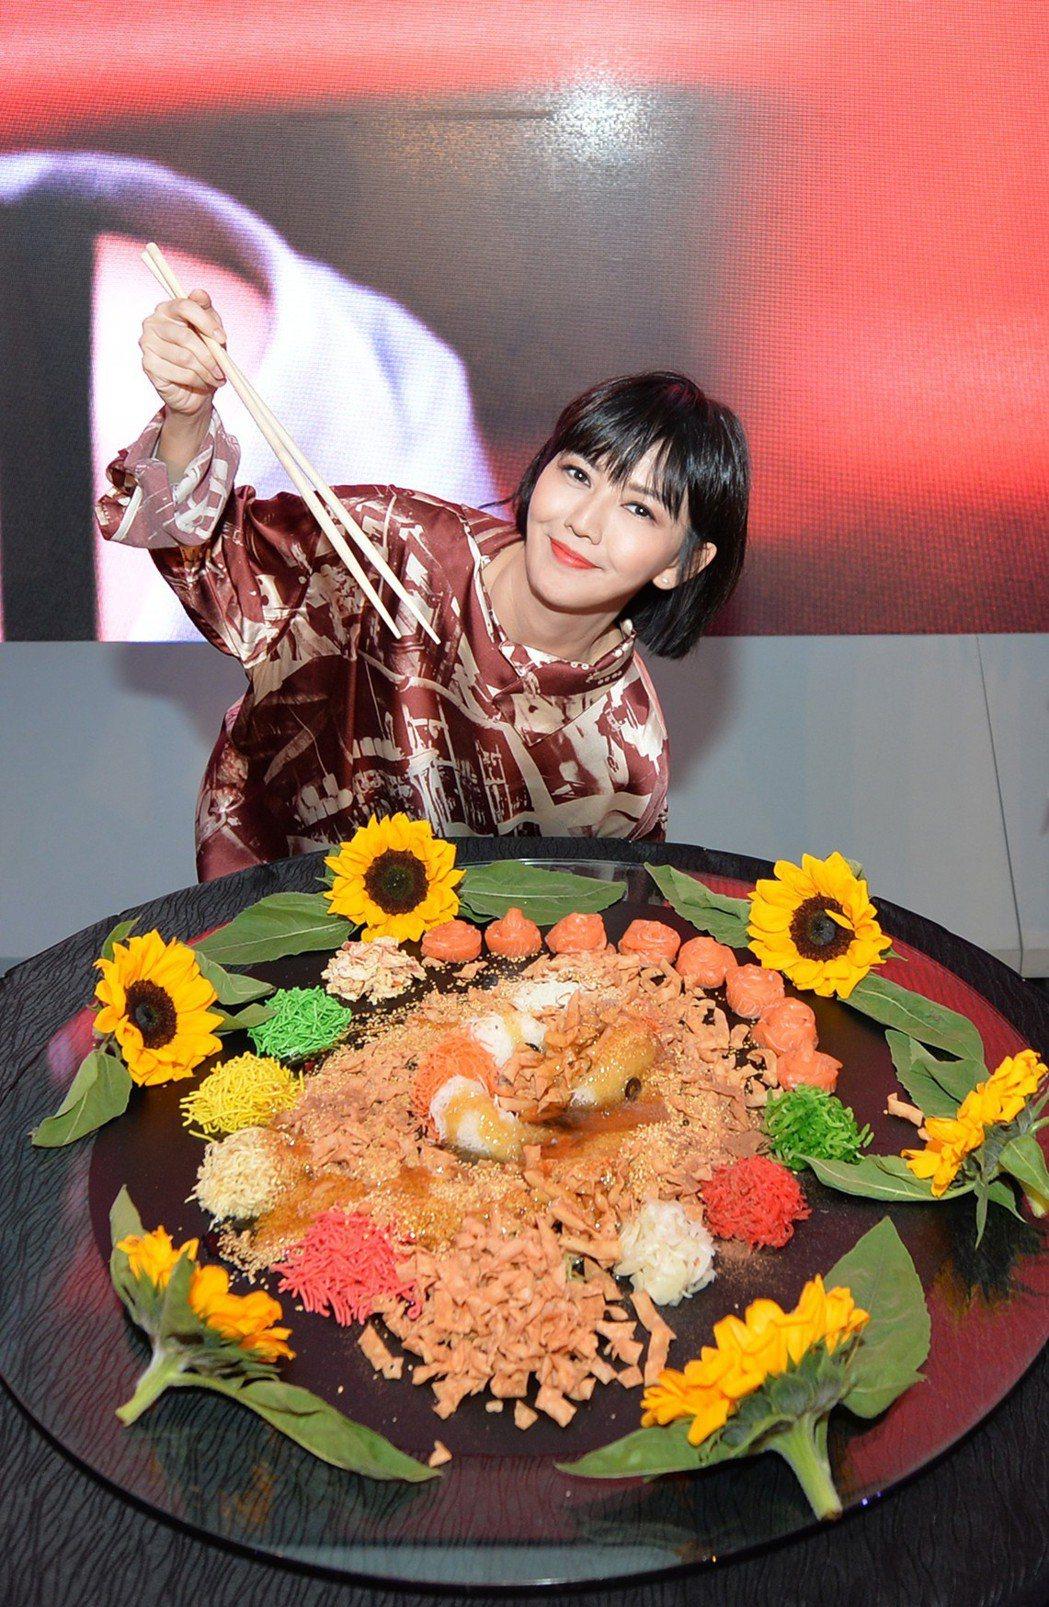 孫燕姿帶著新專輯「孫燕姿No.13作品:跳舞的梵谷」來到吉隆坡宣傳。圖/大馬環球...